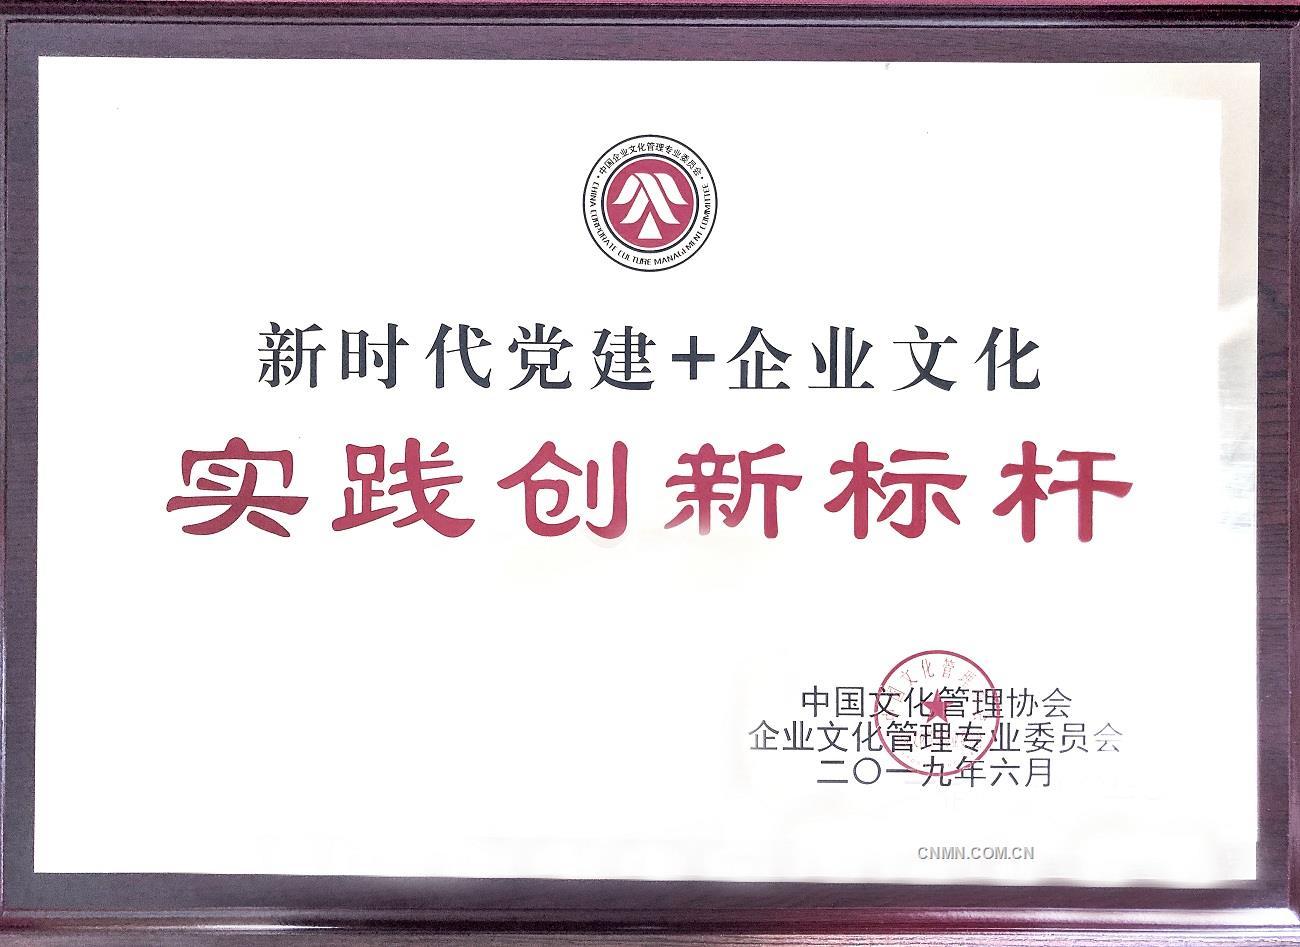 """恒邦股份荣获全国""""新时代党建+企业文化实践创新标杆""""殊荣"""